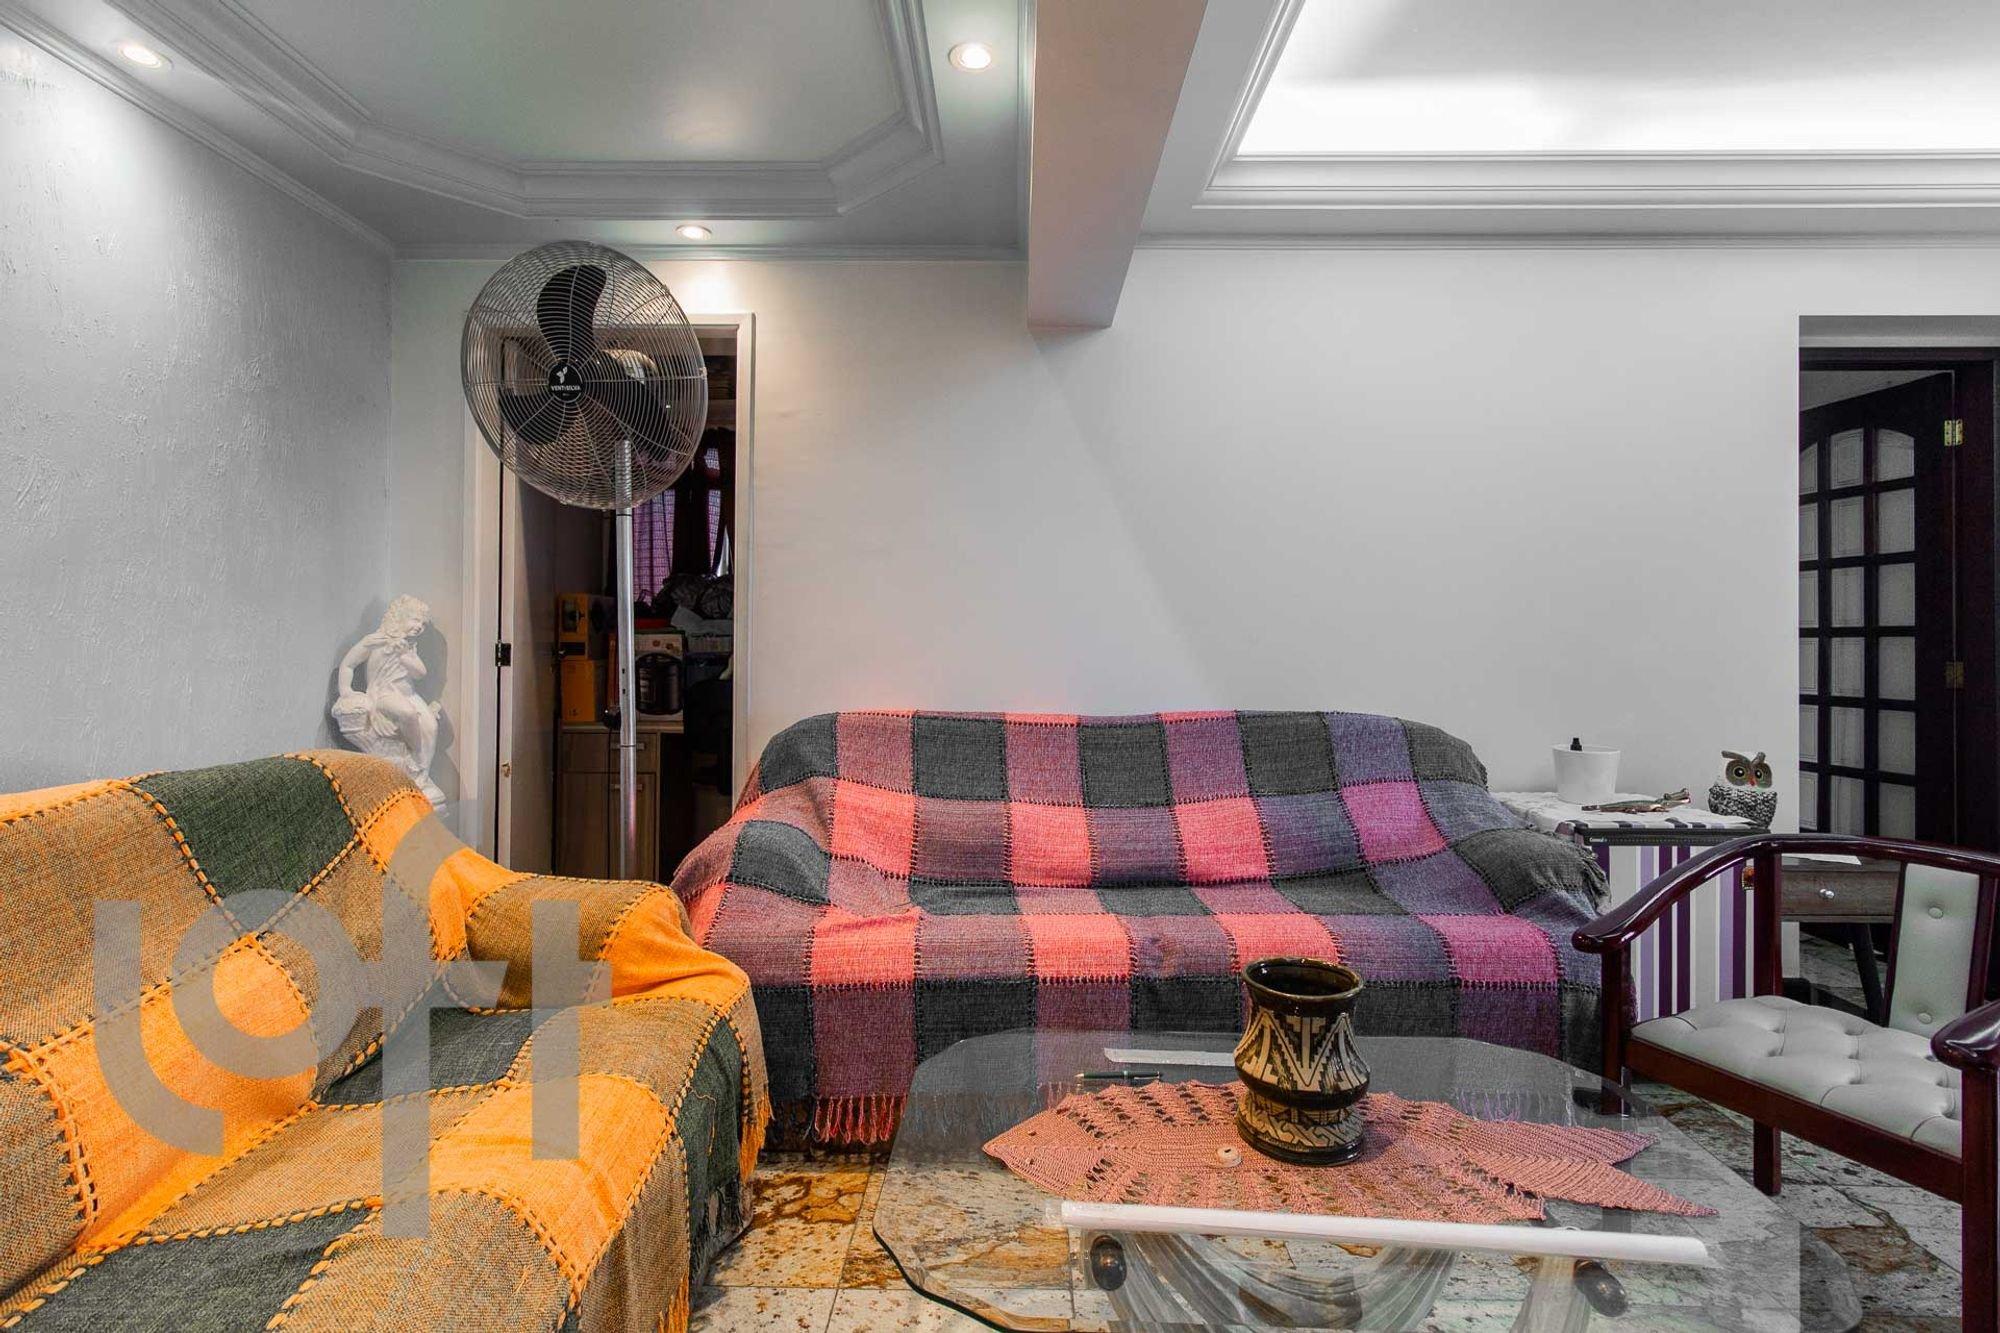 Foto de Quarto com sofá, vaso, cadeira